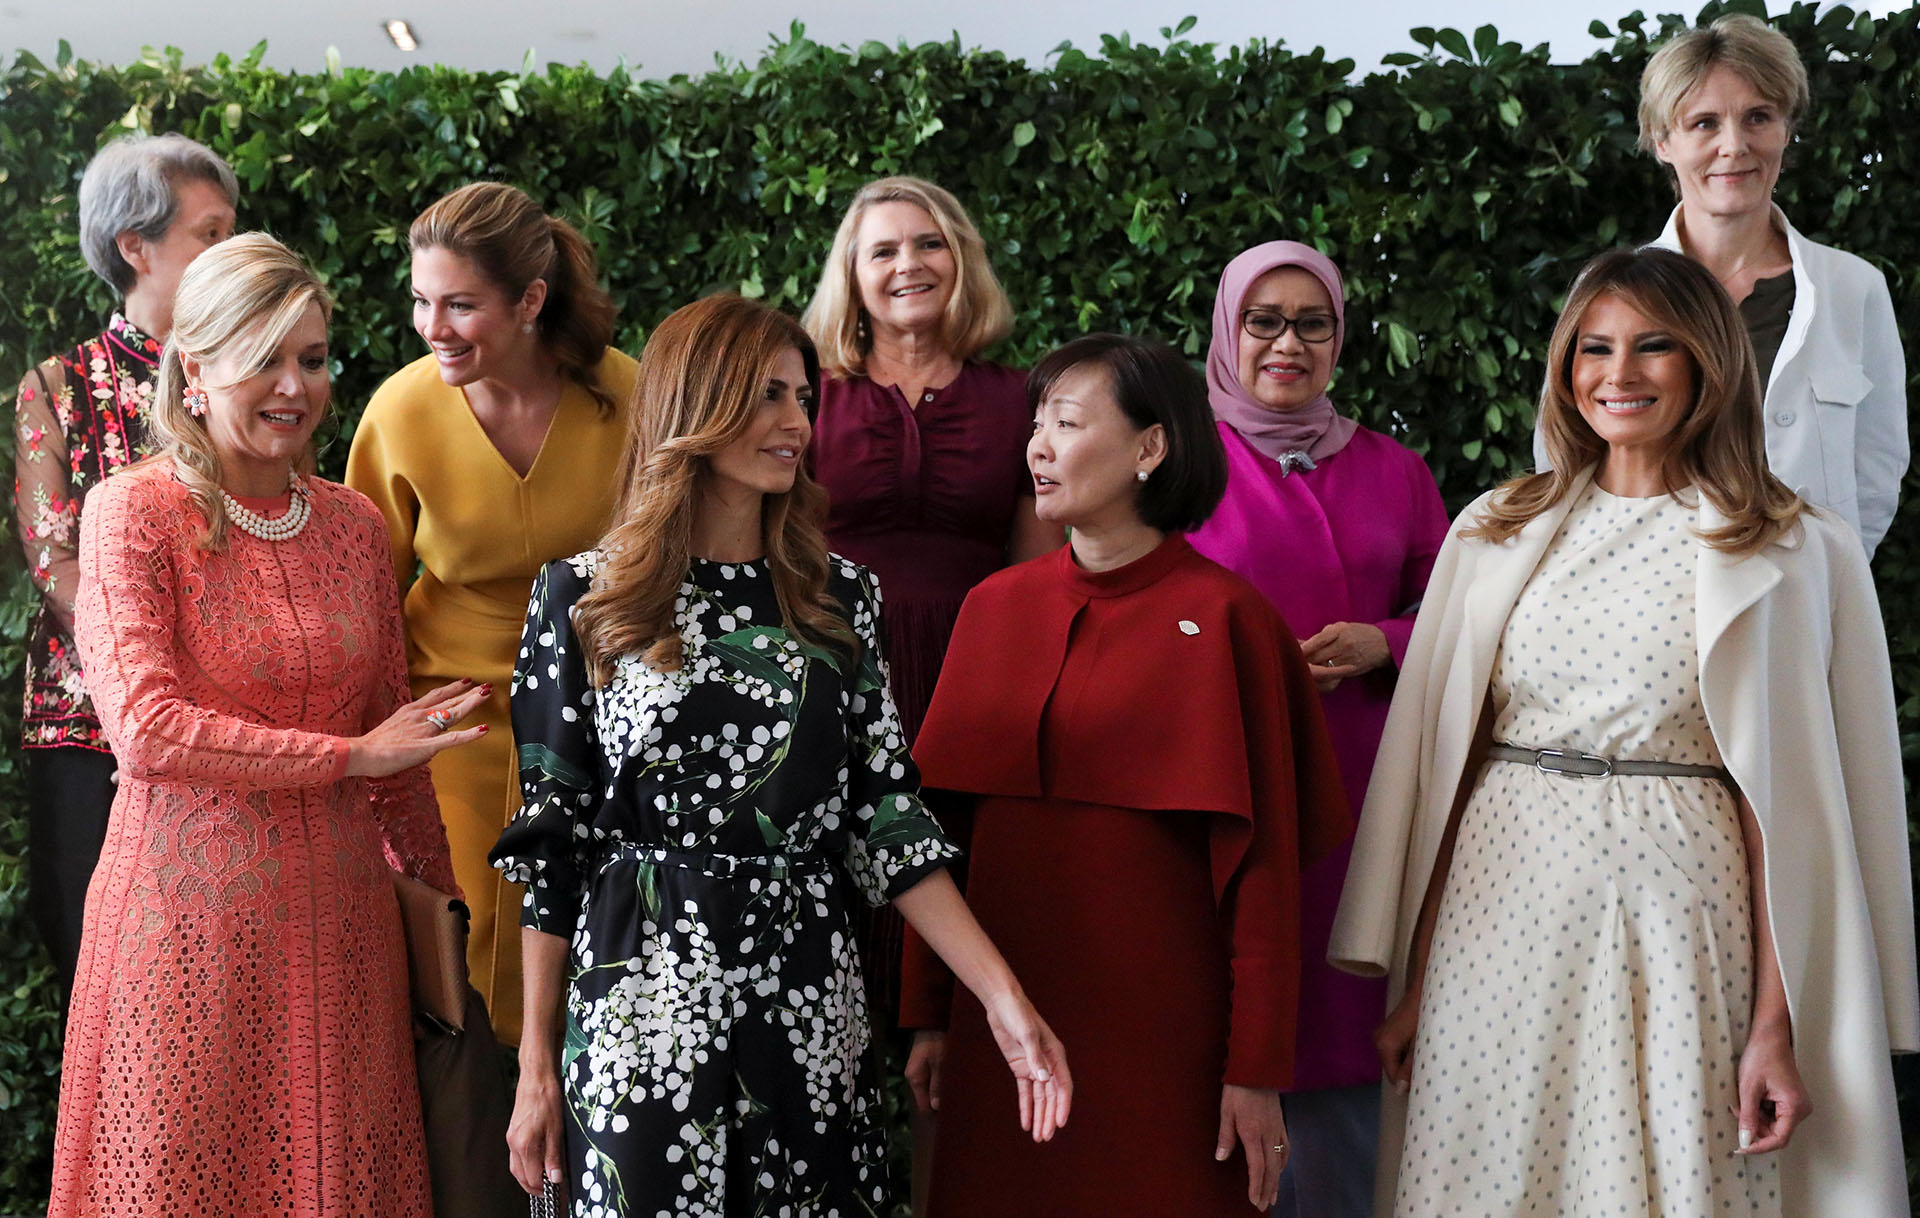 Verdaderas mujeres empoderadas en su mediodía de Malba, en Buenos Aires: la reina Máxima Zorreguieta (Holanda), Juliana Awada (Argentina),Jung- sook Kim (Corea del Sur), Melania Trump (Estados Unidos), Ho Chin (Singapur), Sophie Trudeau (Canadá), Mufidah Jusuf Kalla (Indonesia) Małgorzata Tusk (Consejo Europeo) y Diana Carney (Consejo de Estabilidad Financiera).